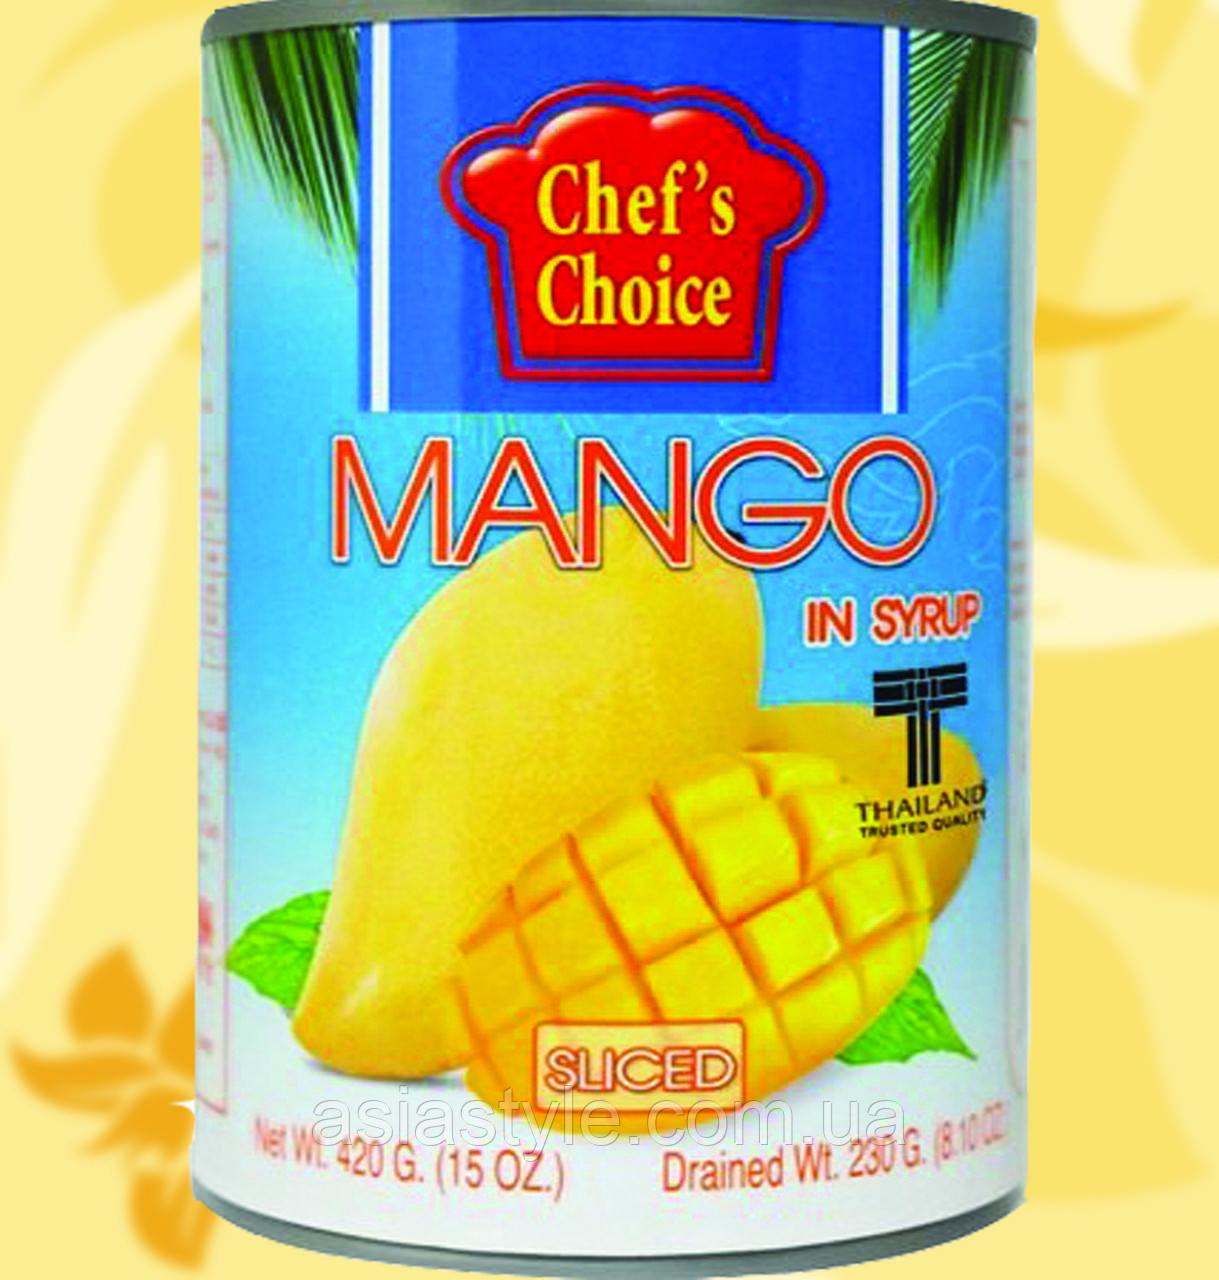 Тайський манго в сиропі, жовте, часточки, 420 гр, CHEF'S CHOICE, Gf